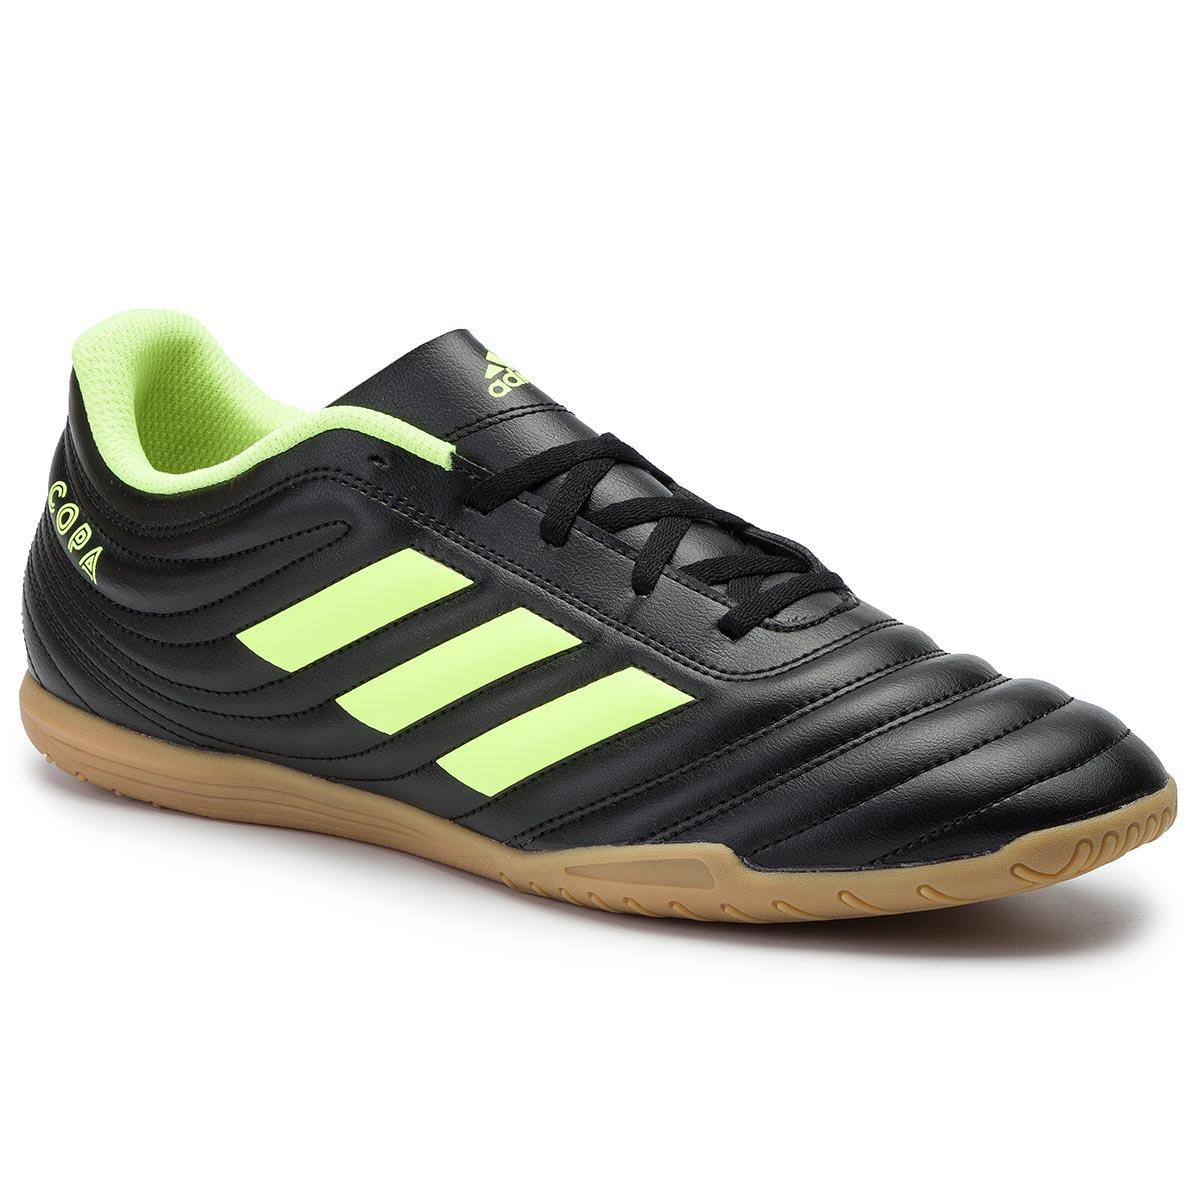 bb799d6e Obuwie sportowe Adidas BB8098 COPA 19.4 IN Czarny Męskie - Buty - Sportowe  - https://ccc.eu